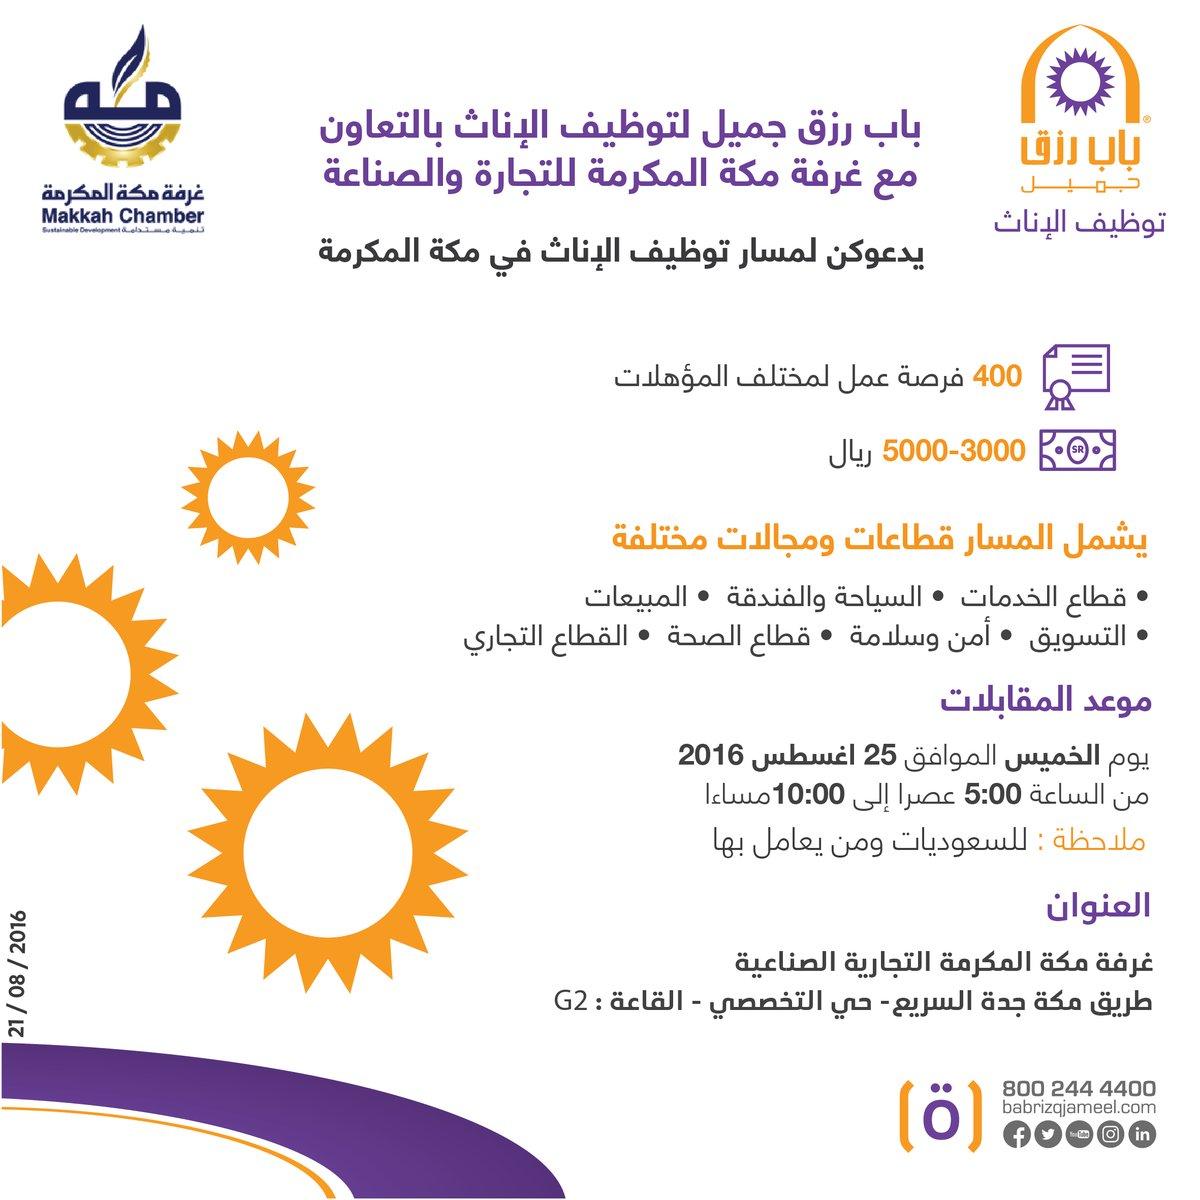 غدا الخميس انطلاق معرض توظيف نسائي - مكة المكرمة